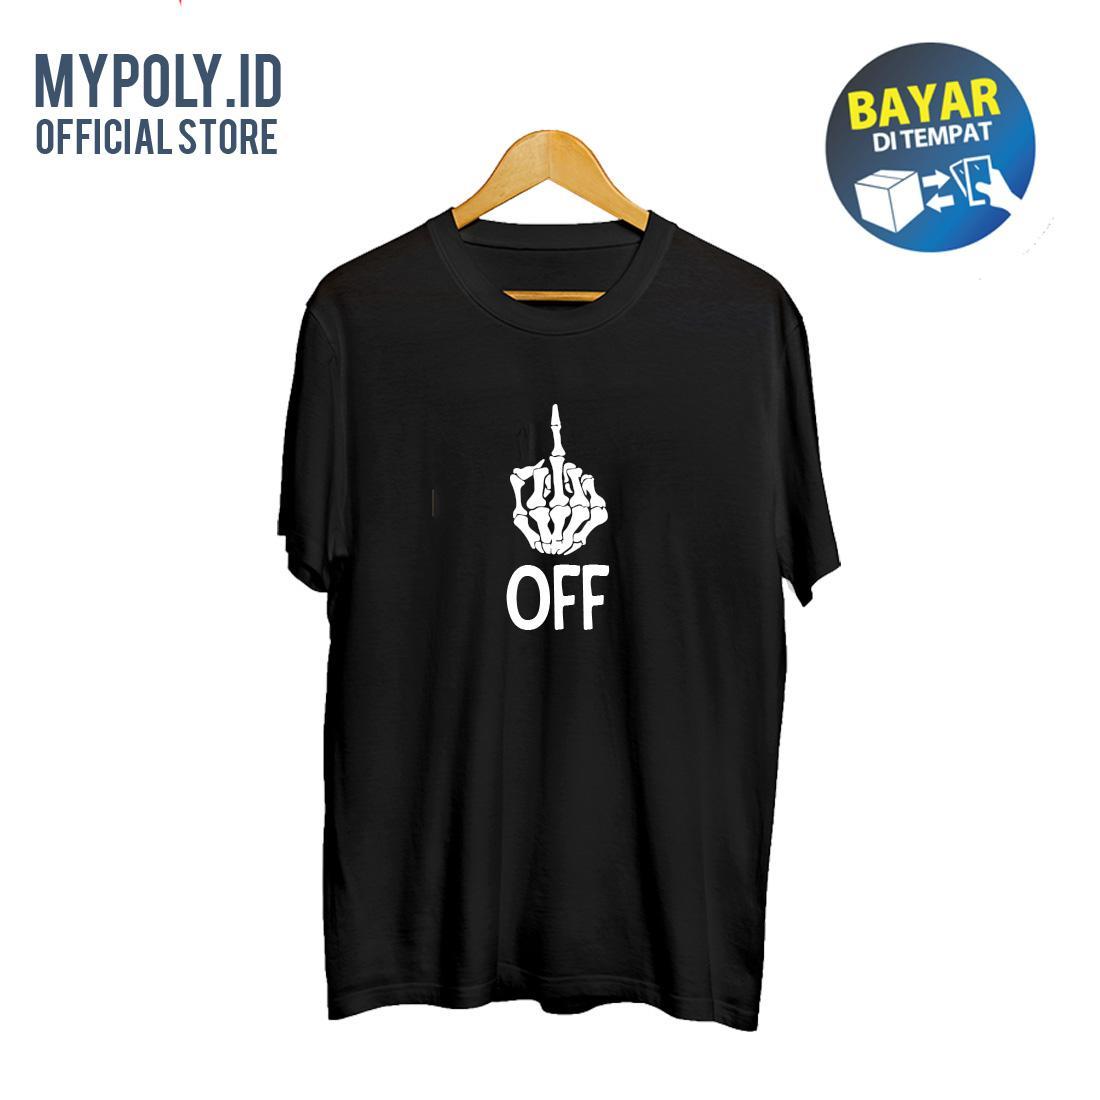 Kaos Premium Mypoly.ID / Baju Distro / Tshirt Casual Pria / Fashion Atasan /